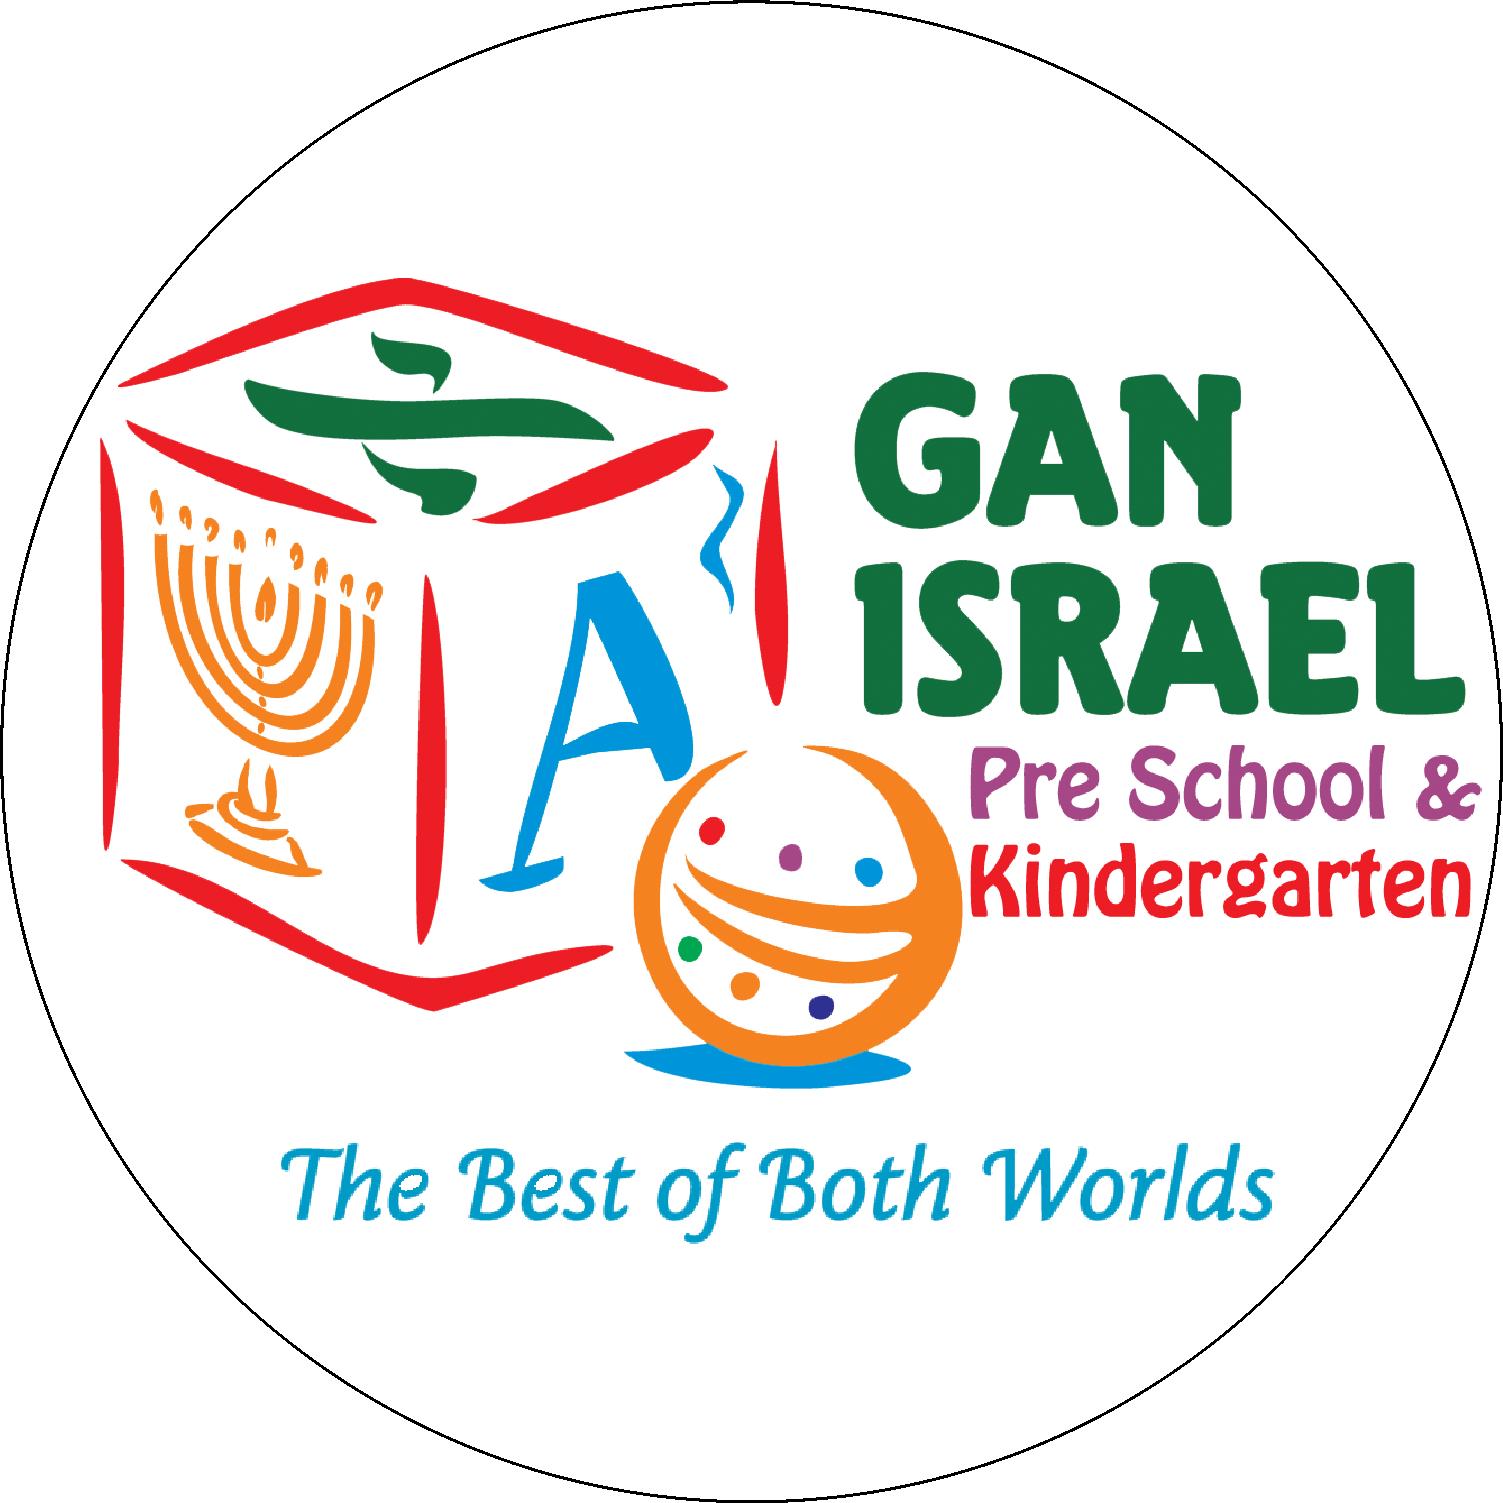 Gan Israel Preschool & Kindergarten